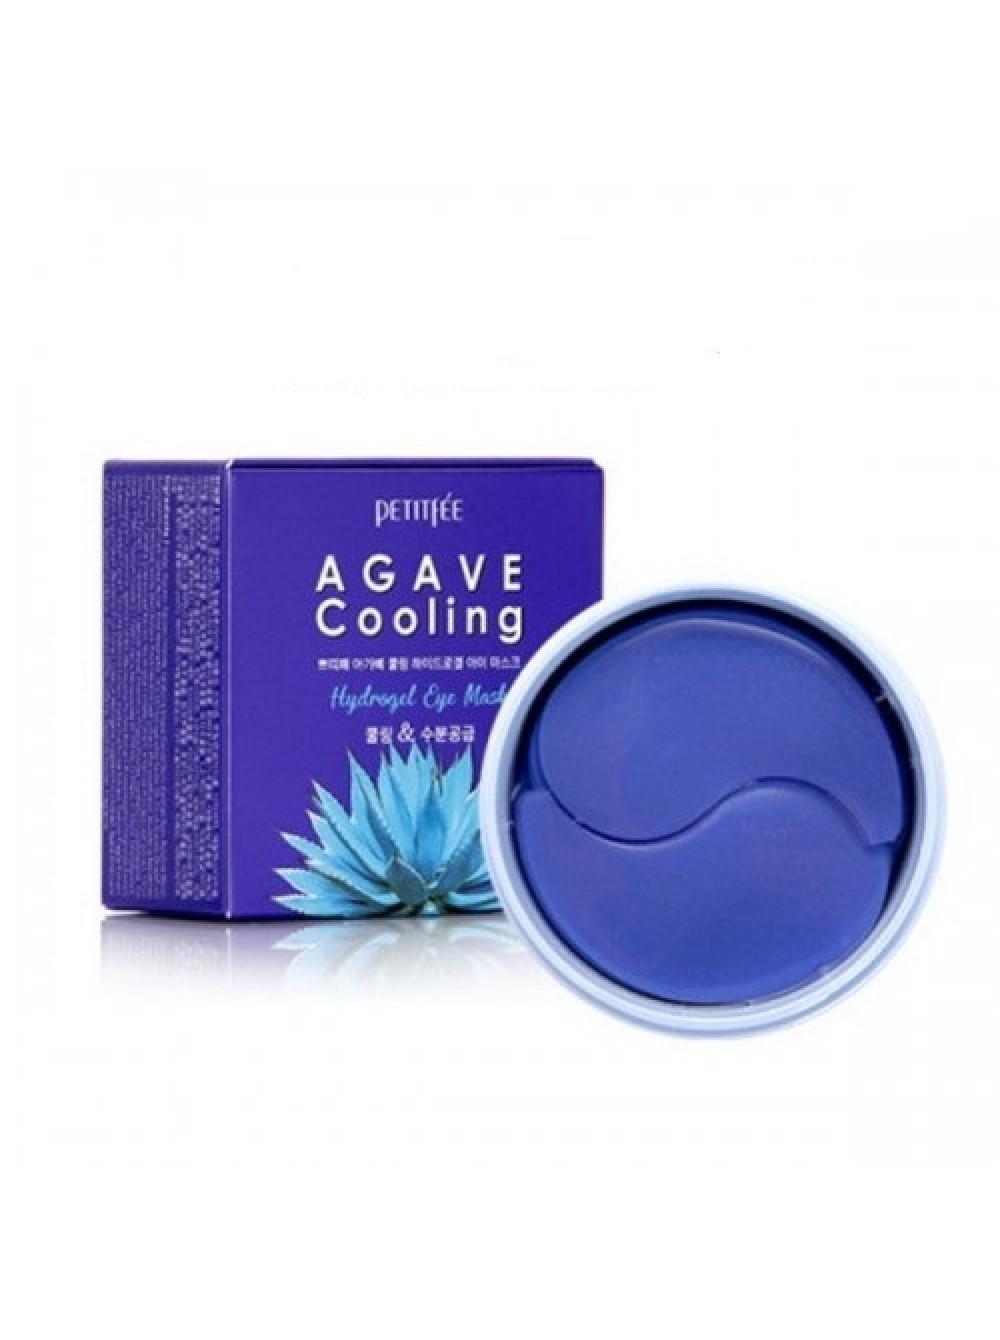 Охлаждающие гидрогелевые патчи с экстрактом агавы Petitfee Agave Cooling Hydrogel Eye Mask